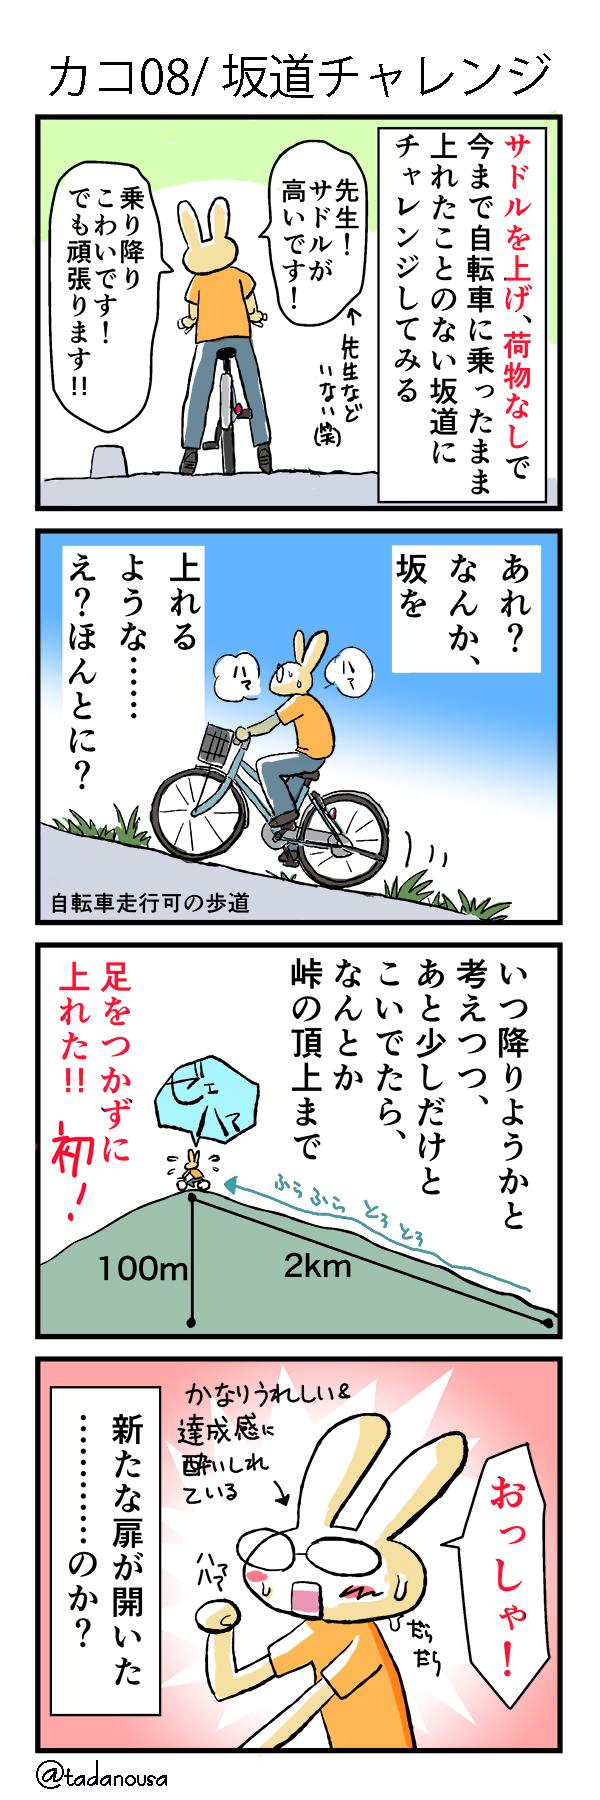 坂道チャレンジ